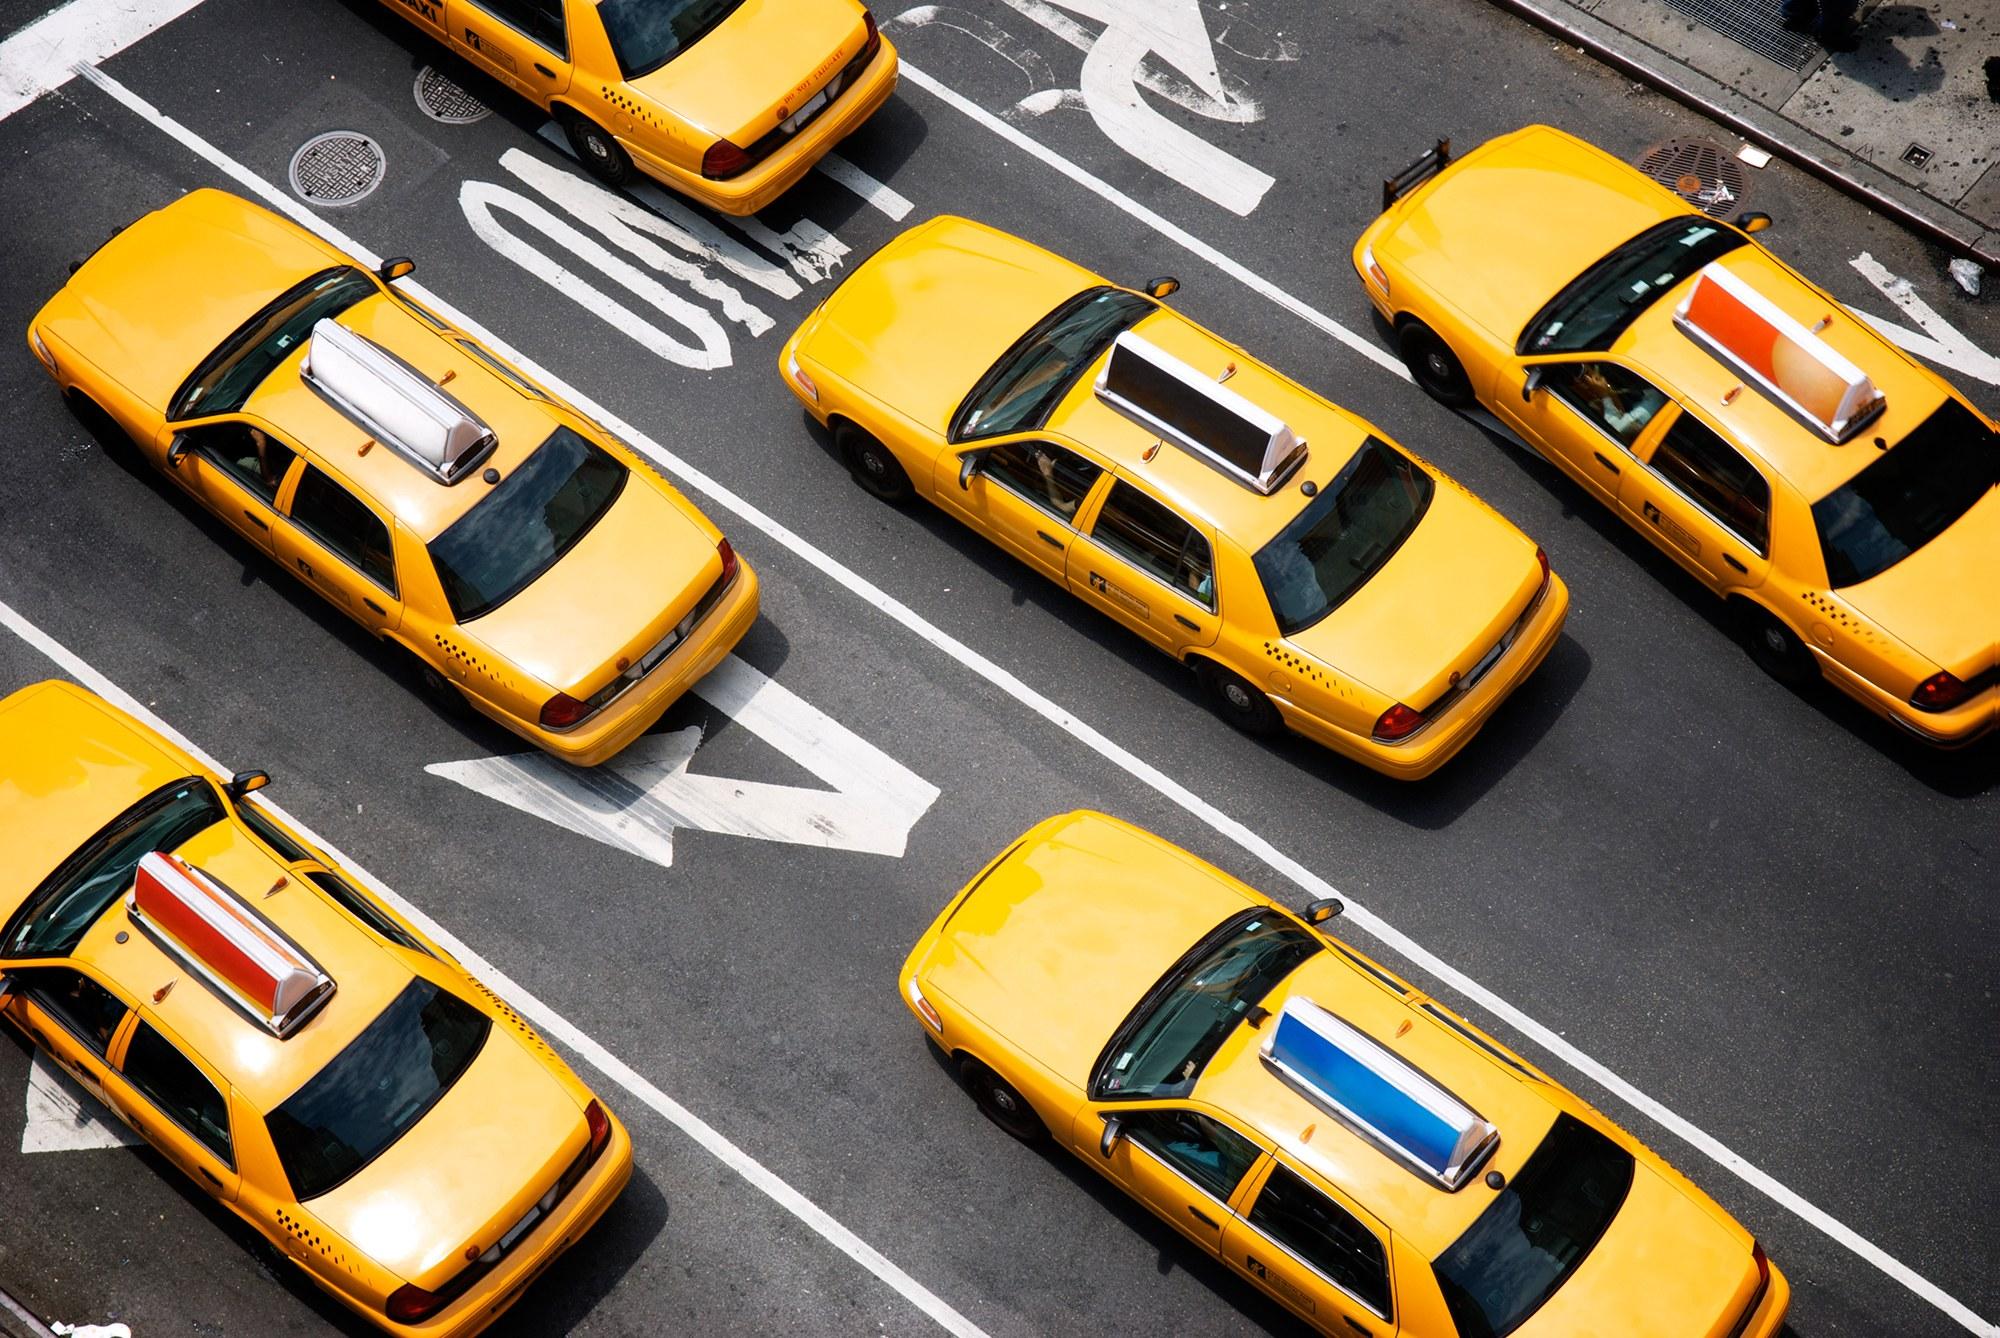 Договор с механиком для такси, помогаем оформить договор таксистам